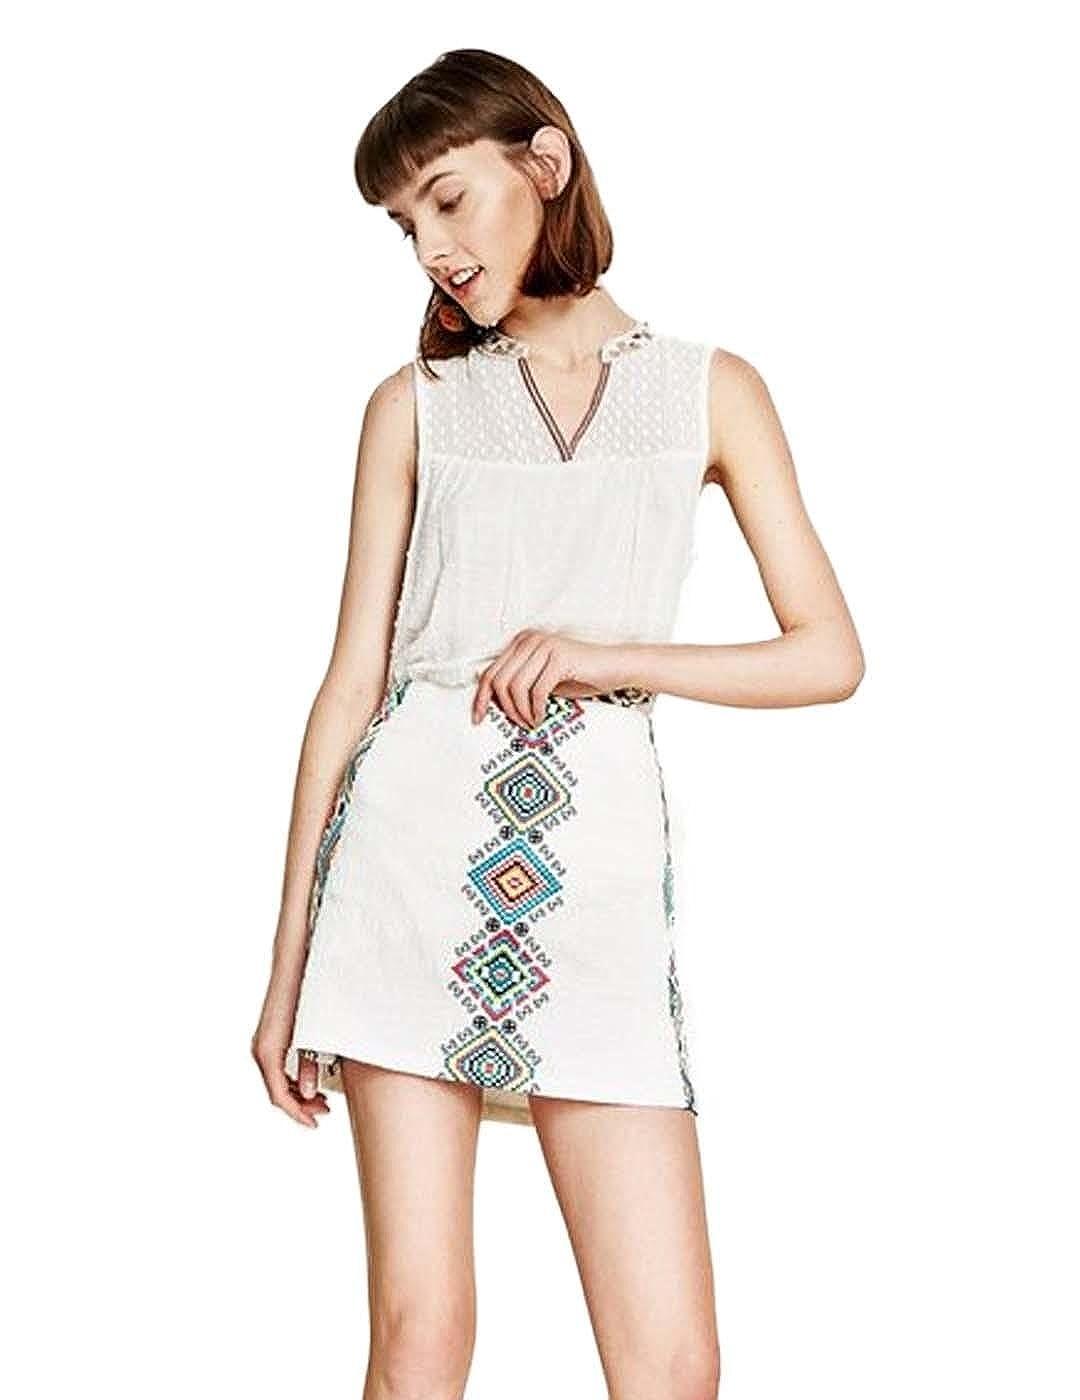 Desigual Falda Estrella Estampada Blanca: Amazon.es: Ropa y accesorios